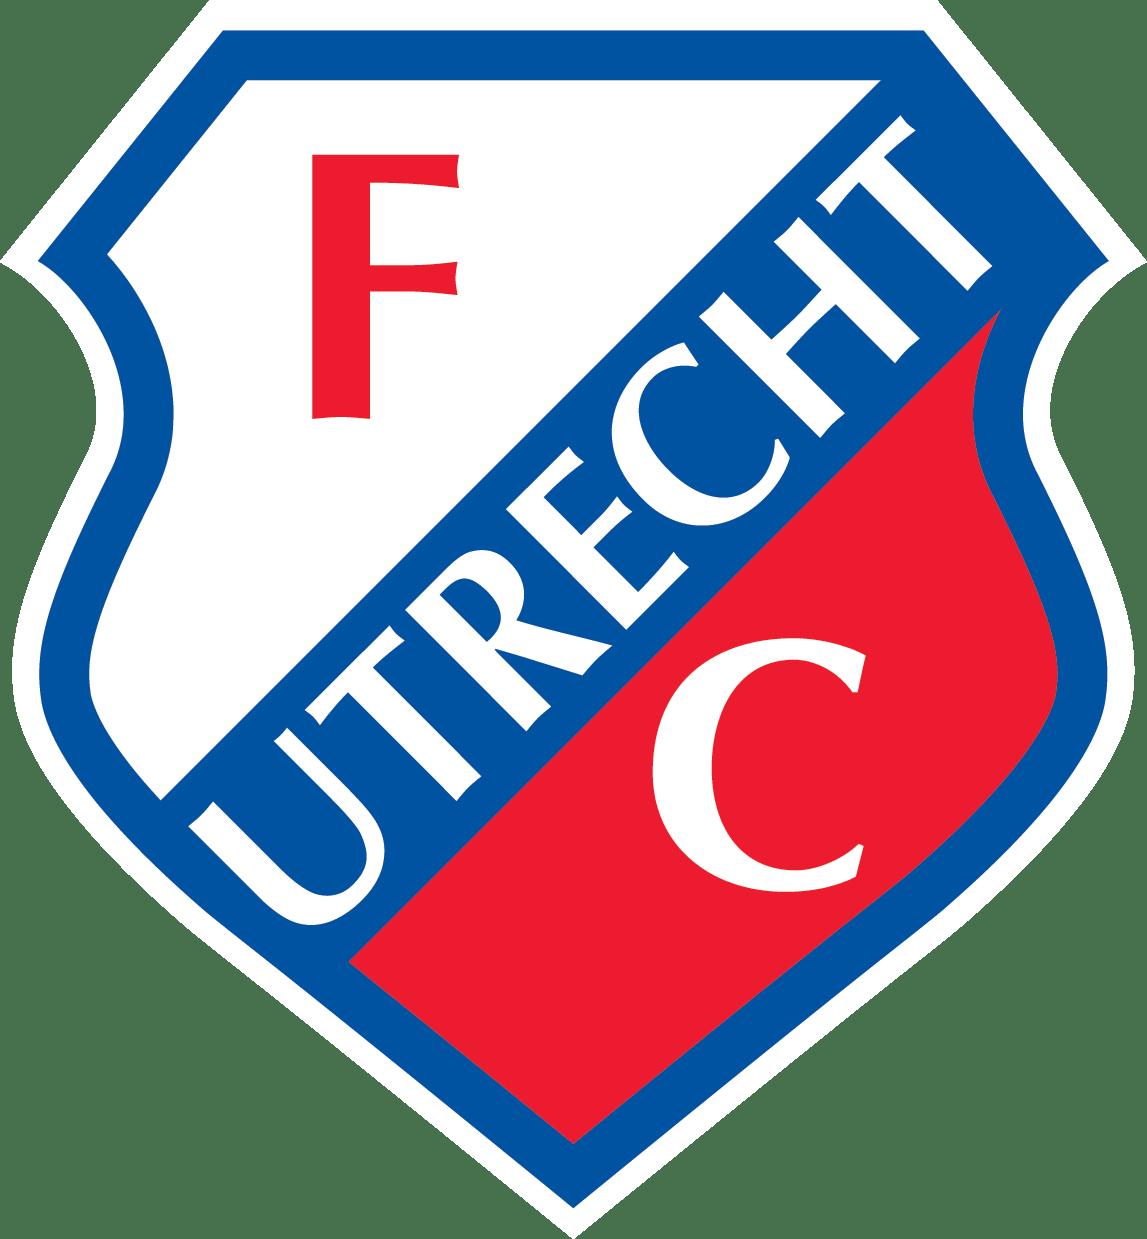 FC_Utrecht_Logo